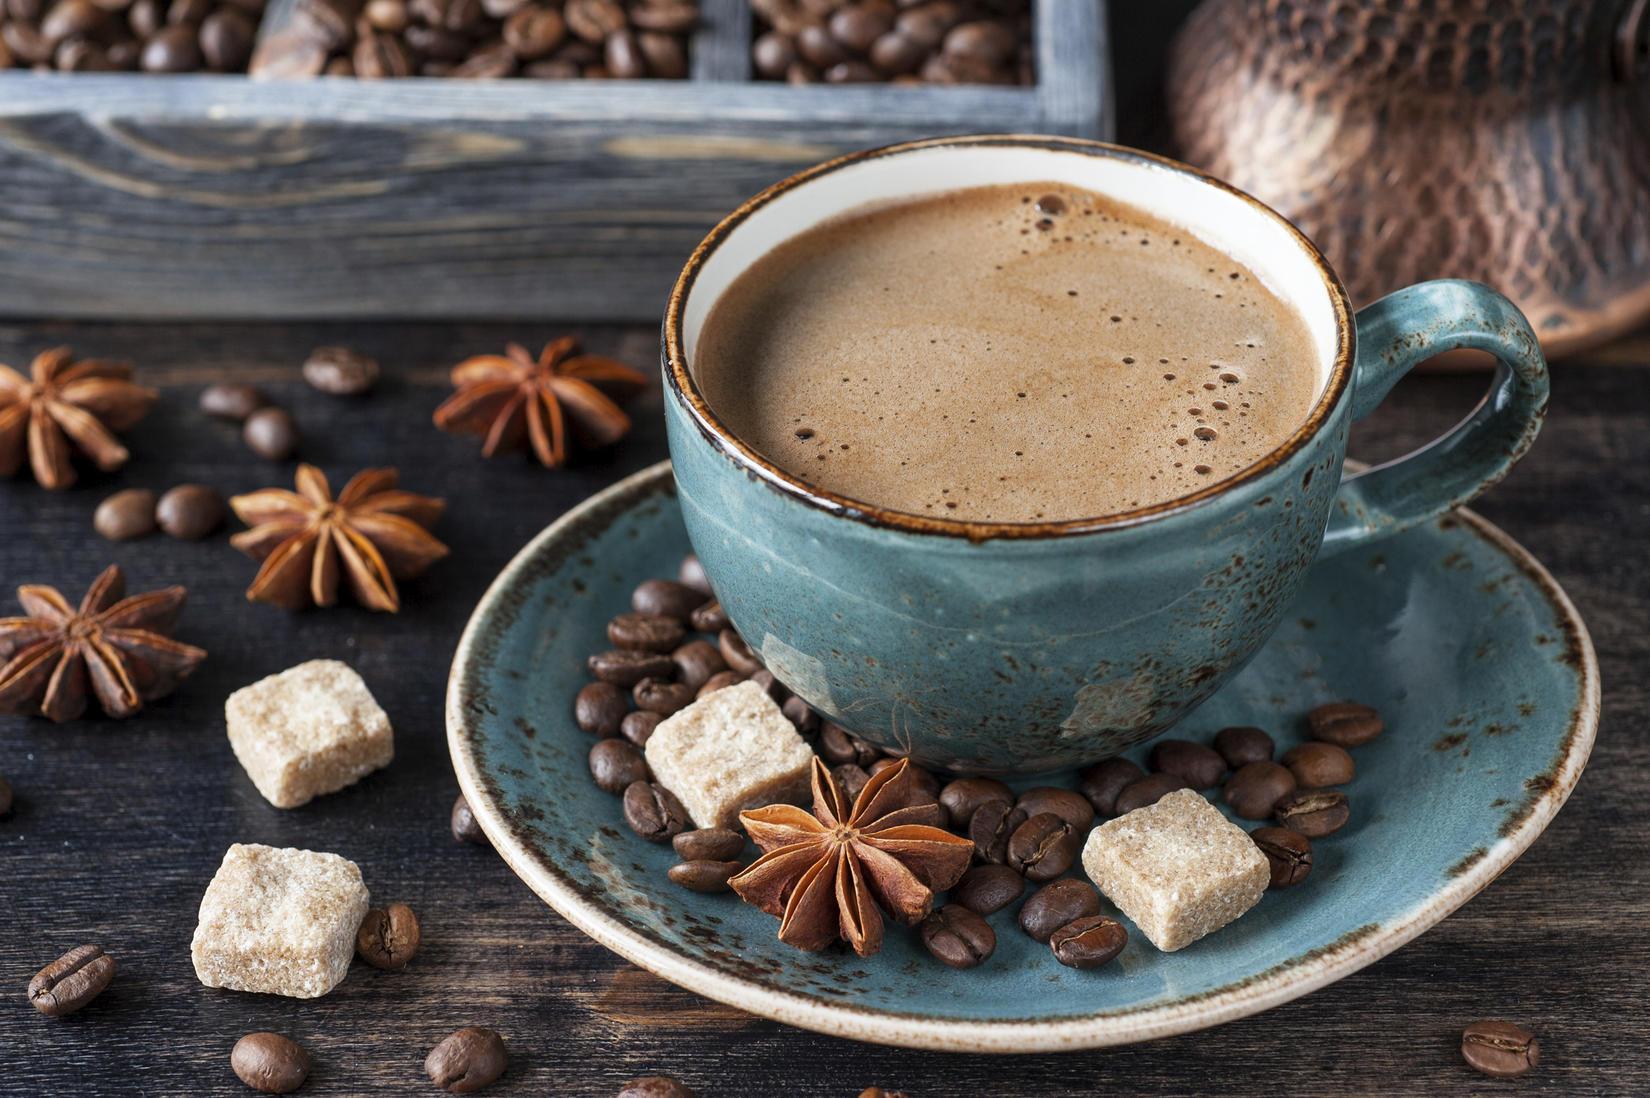 Разбираемся в брендах_кофемашины и кофеварки - чашка кофе